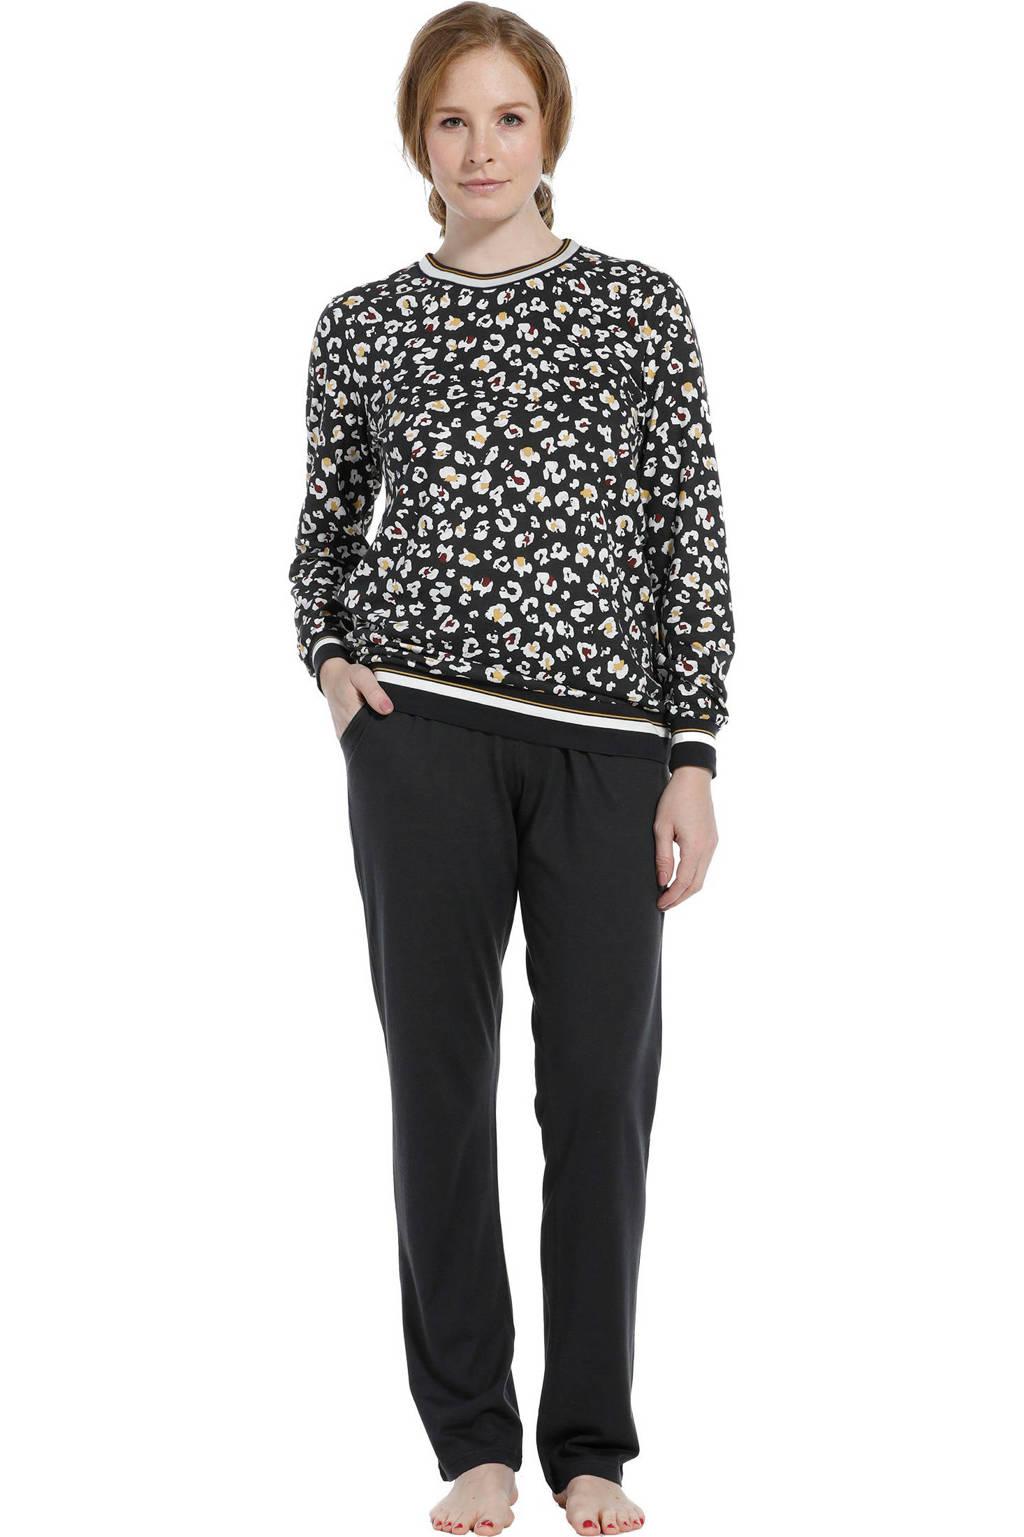 Pastunette pyjama met all over print donkergrijs, Donkergrijs